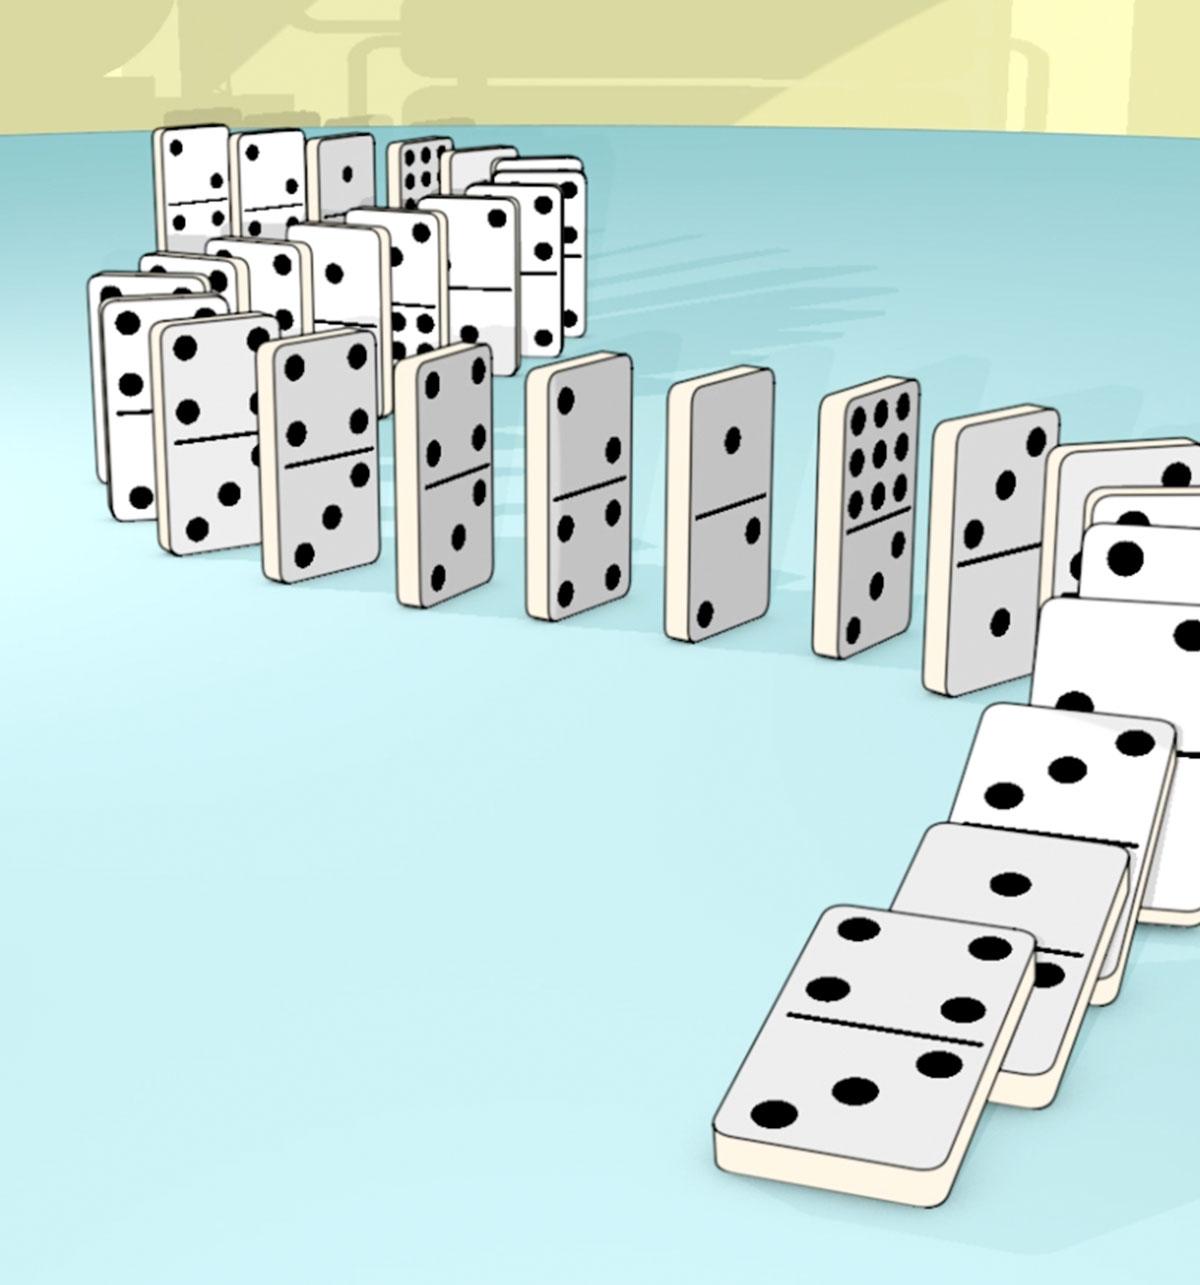 Marketing banner image for Euler Hermes - The Domino Effect